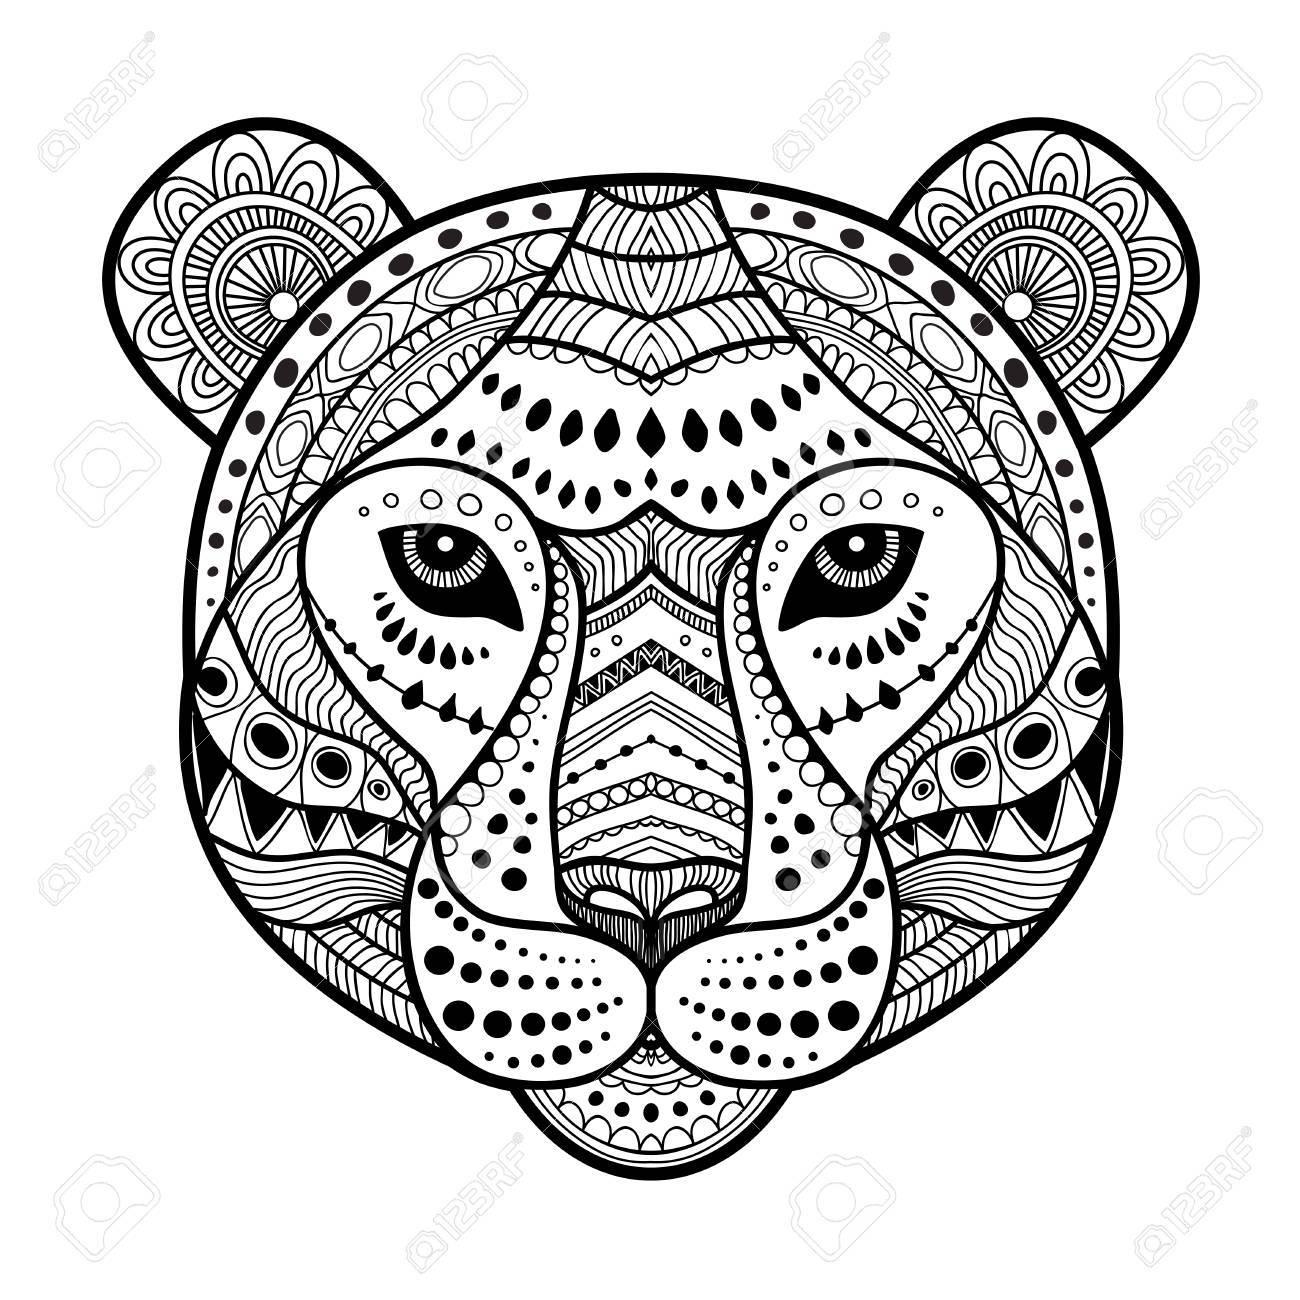 Illustration De Style Art Tête Zen Tigre, Imprimer En Noir Et Blanc.  Coloriage Adulte tout Image Zen A Imprimer